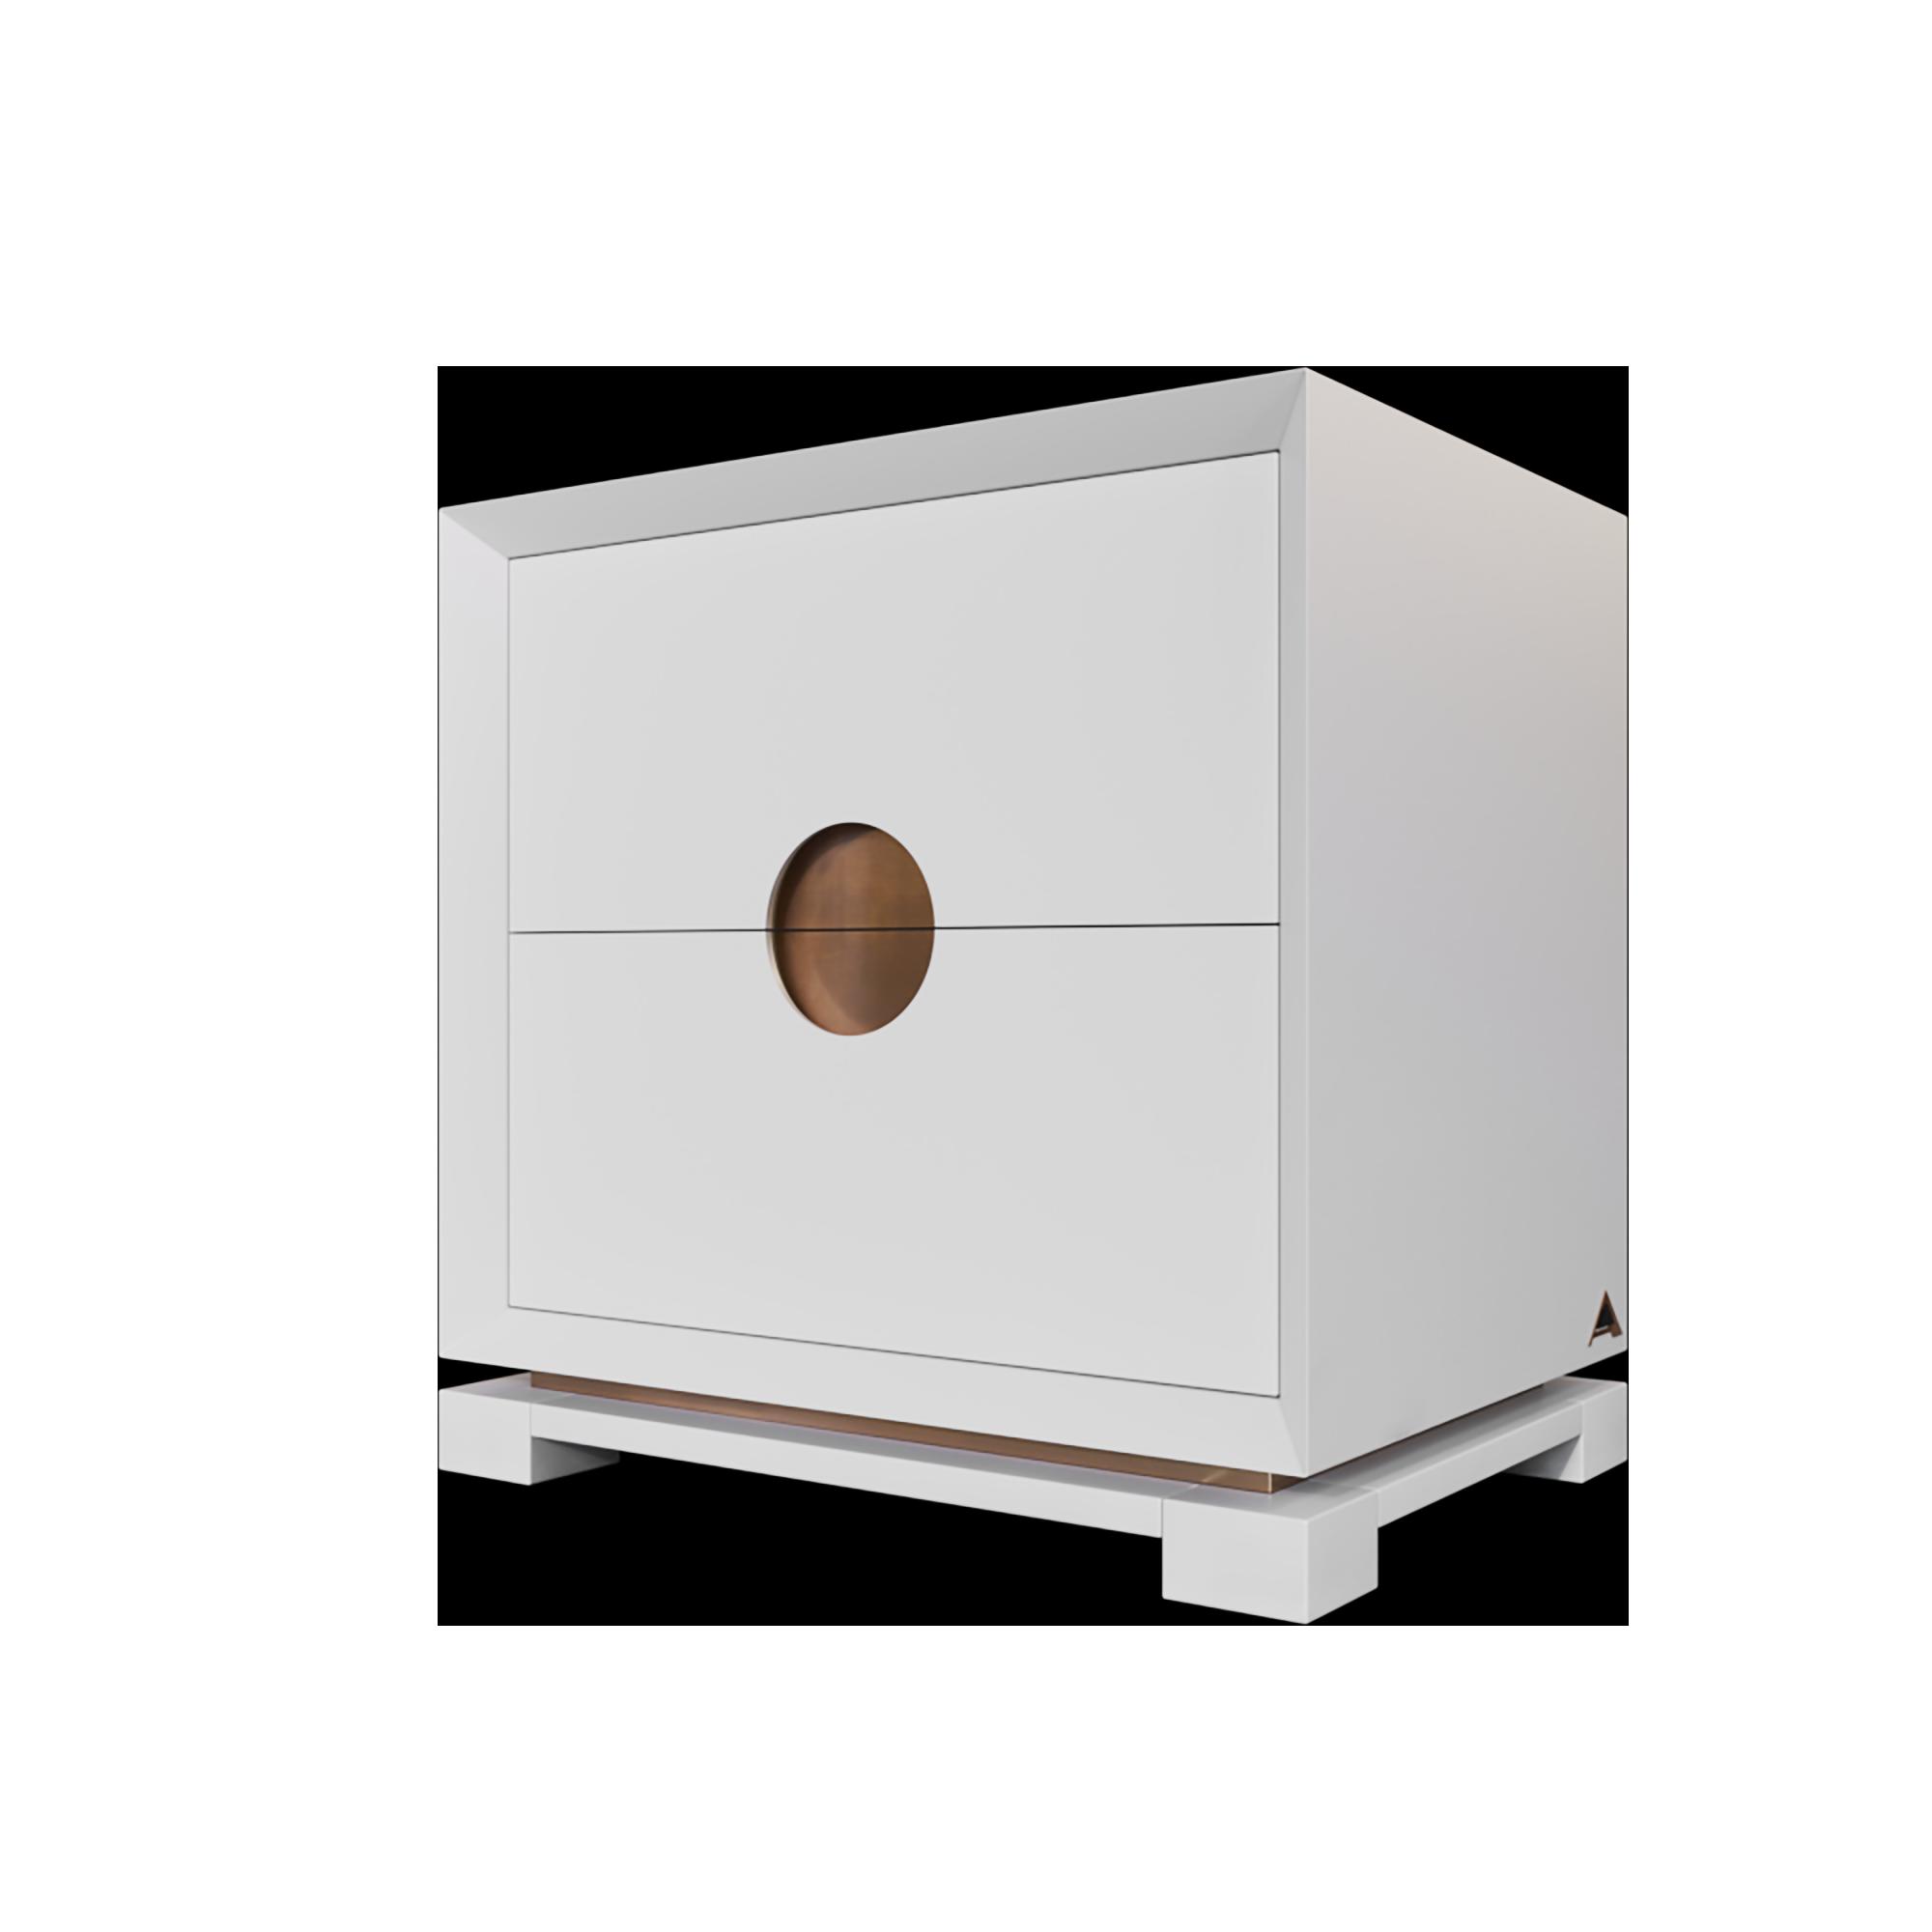 Прикроватная тумба Any-Home T017 - T017 | AnyHome.ru